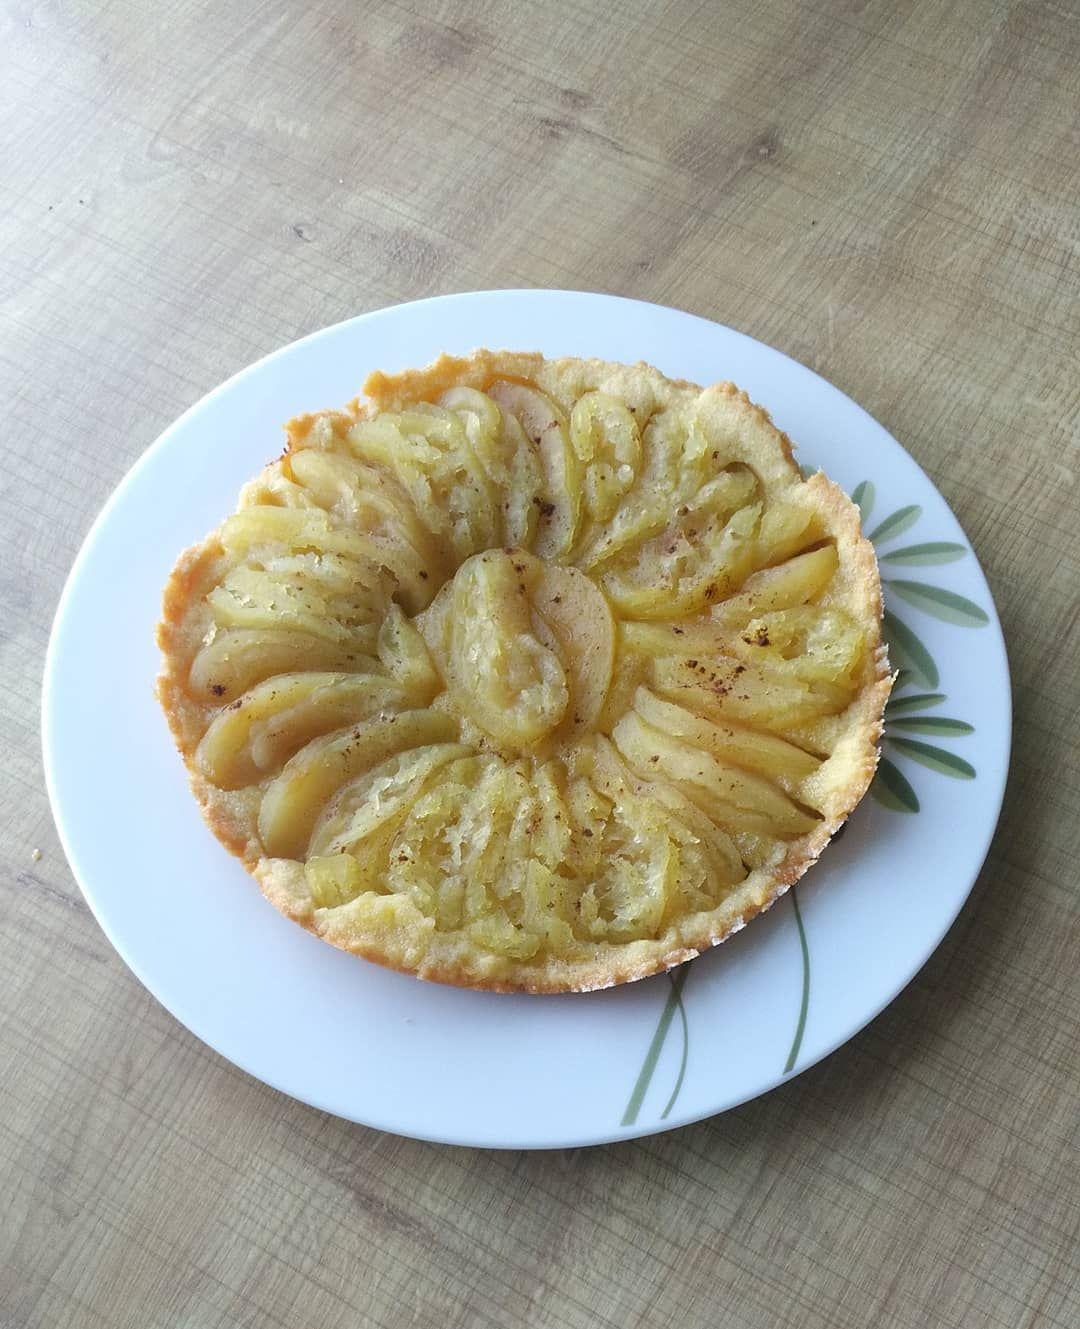 Endlich habe ich meinen digitalen Reiskocher von @reishunger mal für etwas anderes benutzt als für Reis 😄 Heute kam ein Apfelkuchen raus aus den guten garteneigenen Äpfeln 😊🍎